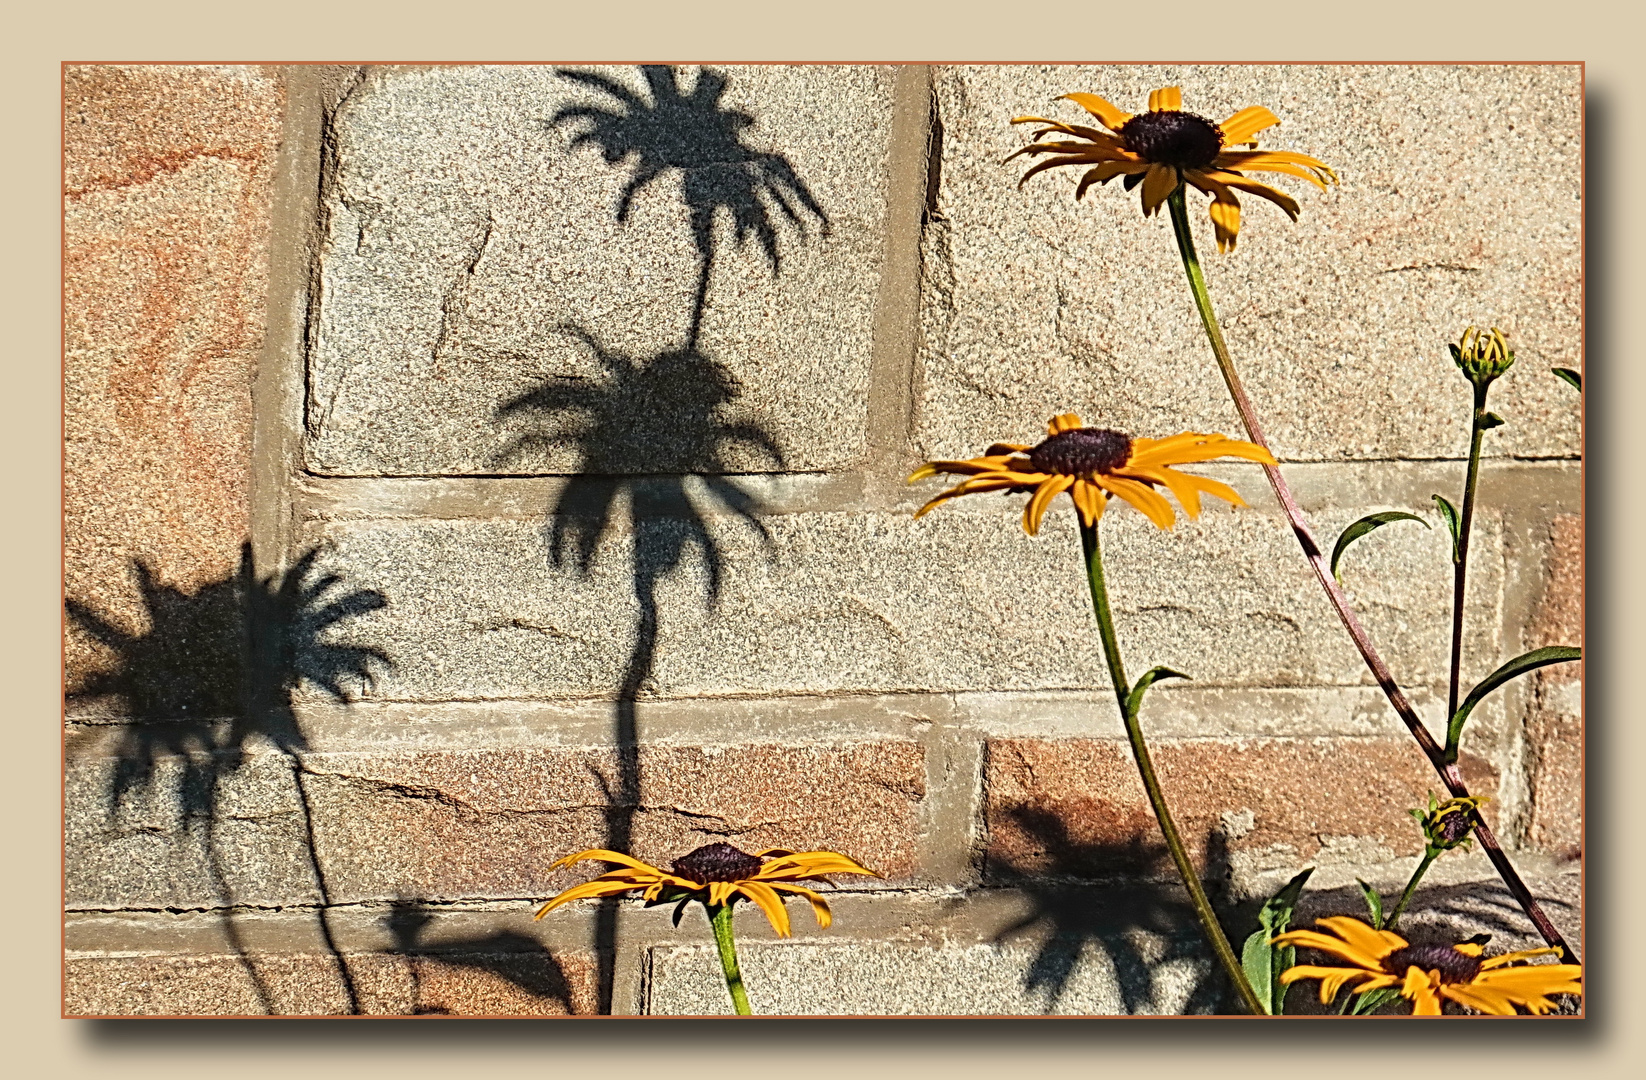 """Meinung der Sonnenhüte : """"zumeist sind wir nie alleine und wir verstehen uns...."""""""